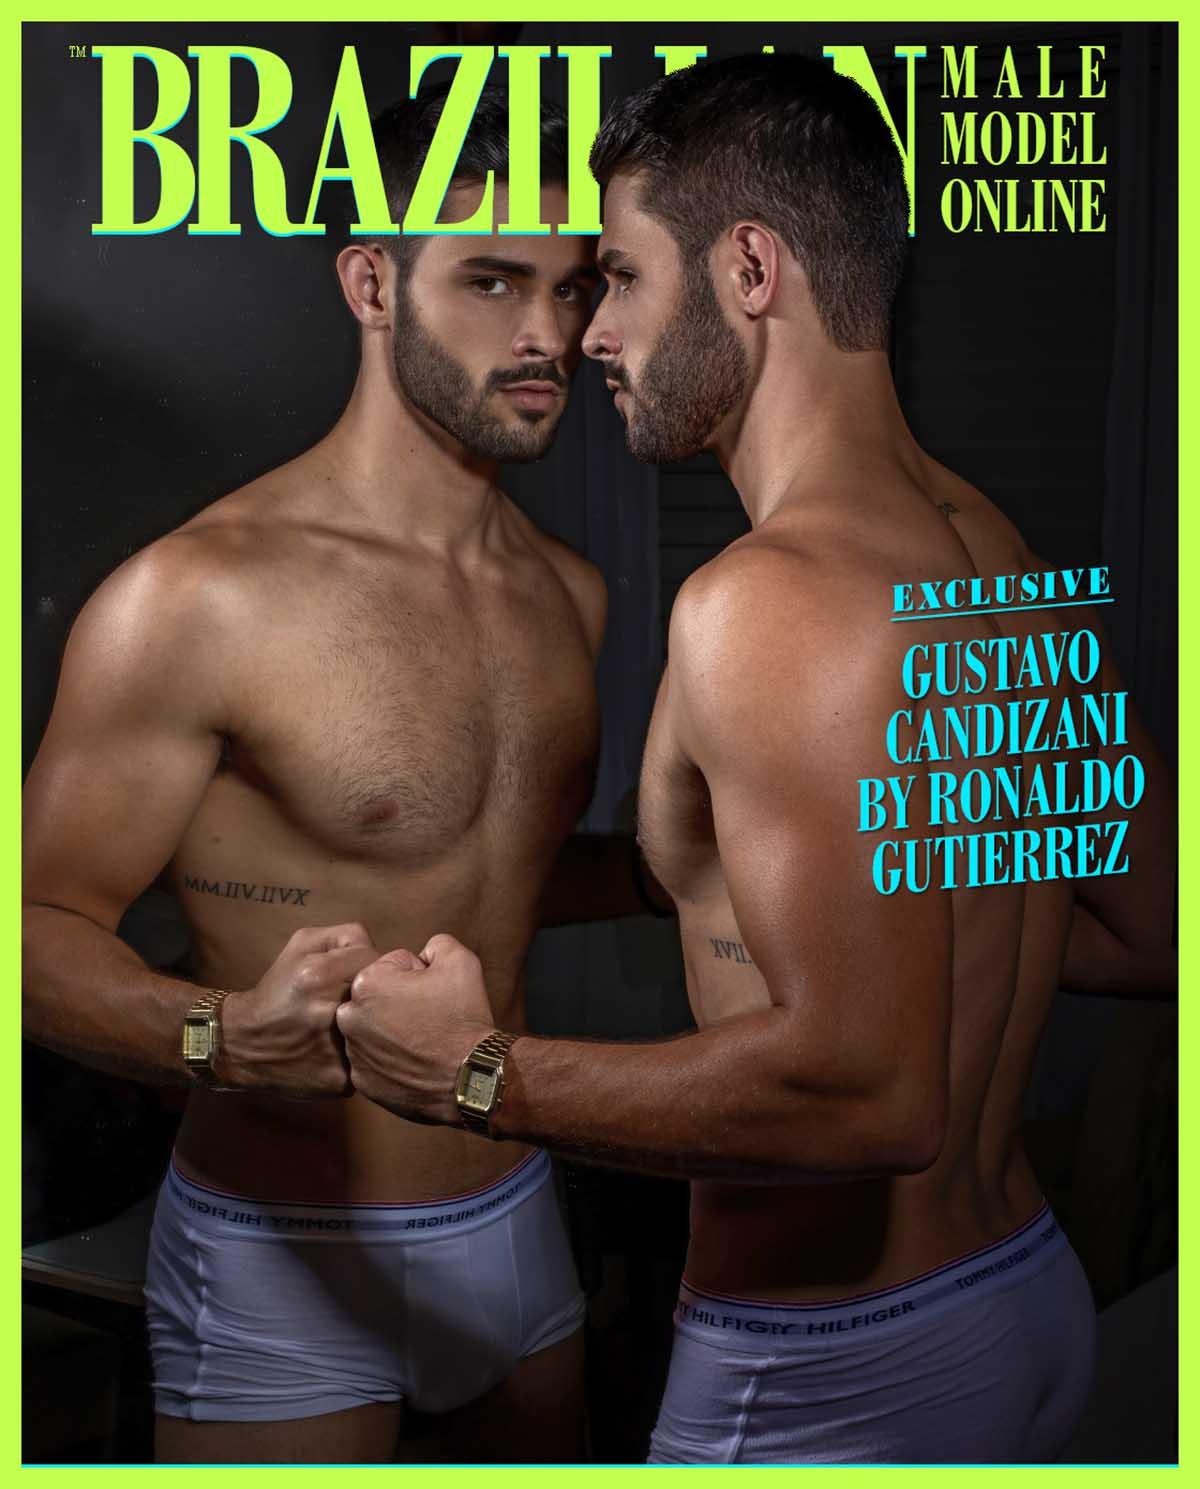 Gustavo Candizani by Ronaldo Gutierrez X Brazilian Male Model X YUP MAGAZINE